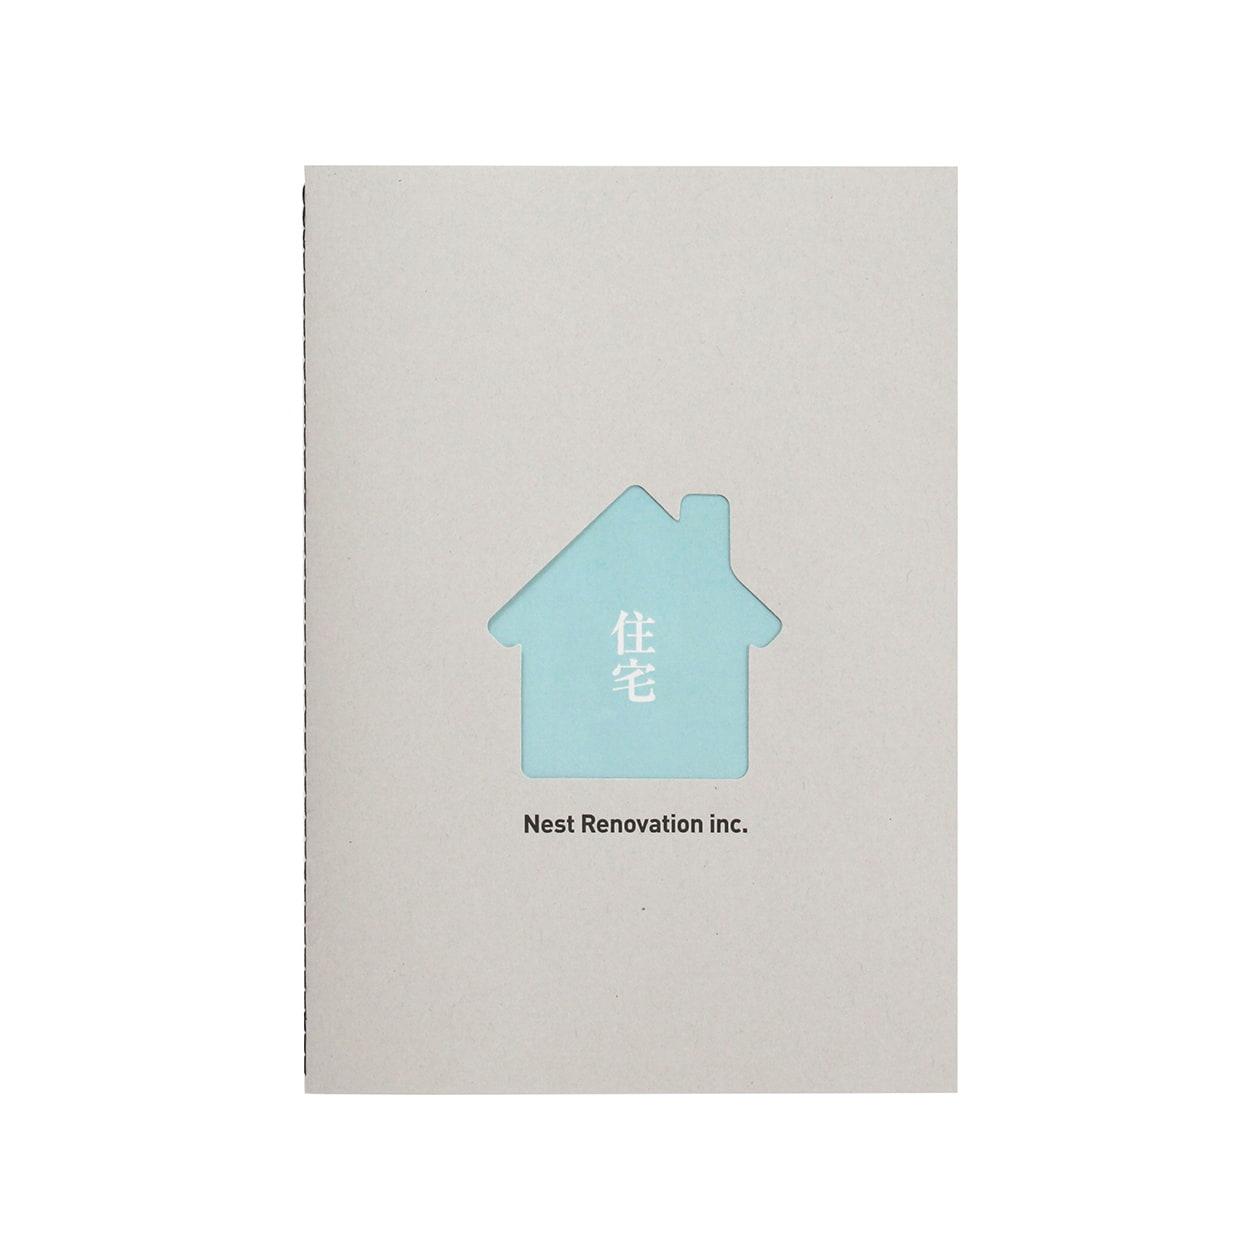 サンプル 冊子 00019